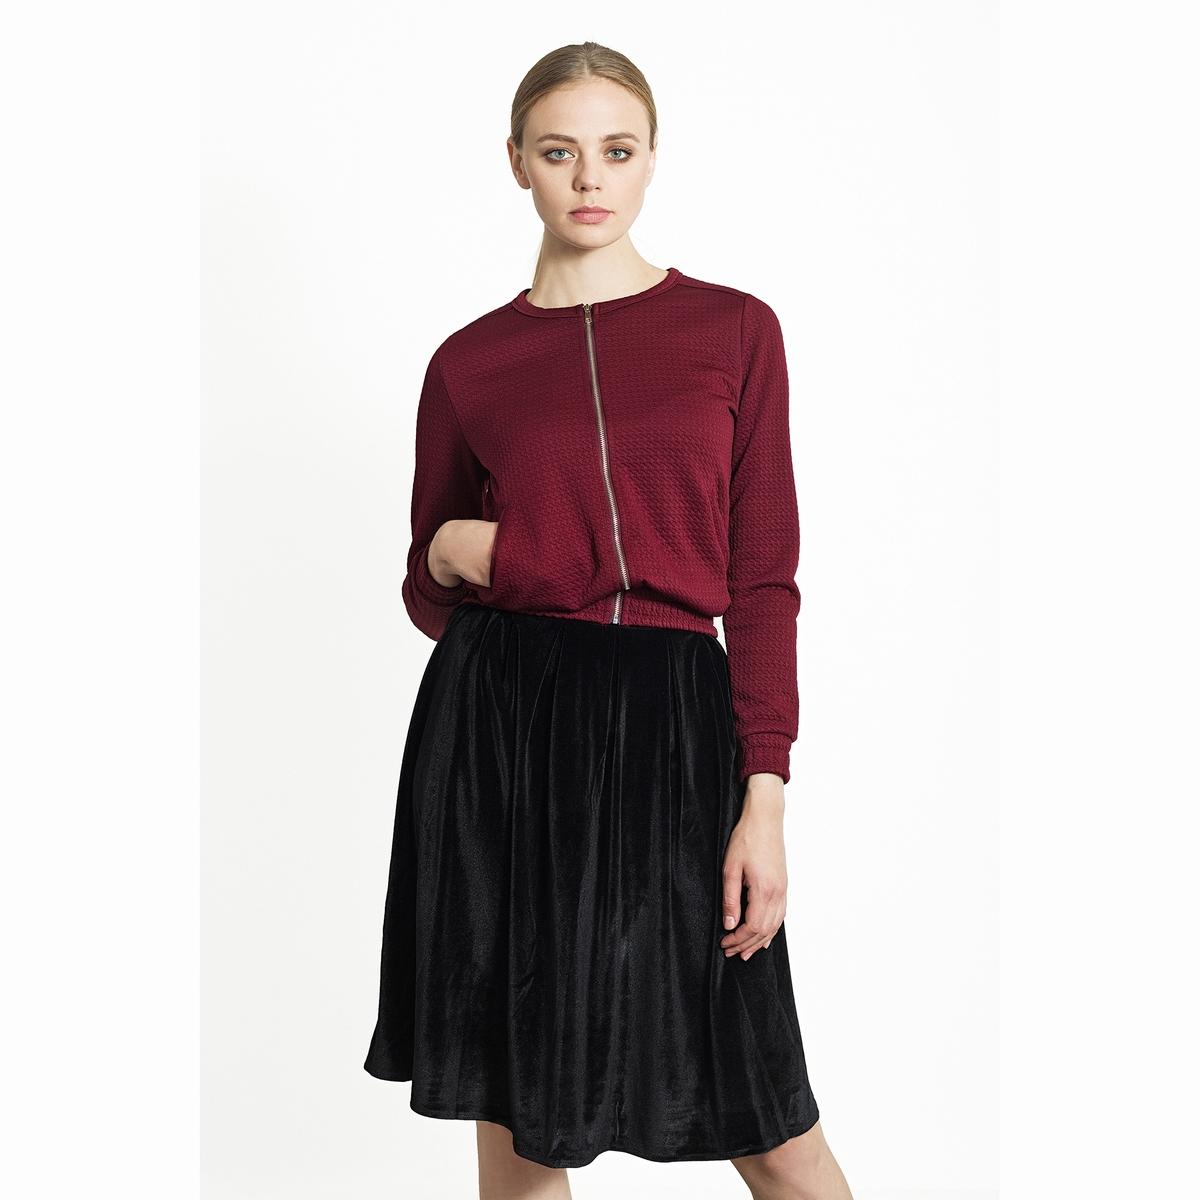 Юбка блестящая плиссированнаяБлестящая плиссированная юбка. Модная облегающая юбка до колен из красивой блестящей бархатистой ткани. Состав и описаниеМатериалы: 100% полиэстер.Марка: Migle+MeУходСледуйте рекомендациям по уходу, указанным на этикетке изделия.<br><br>Цвет: черный